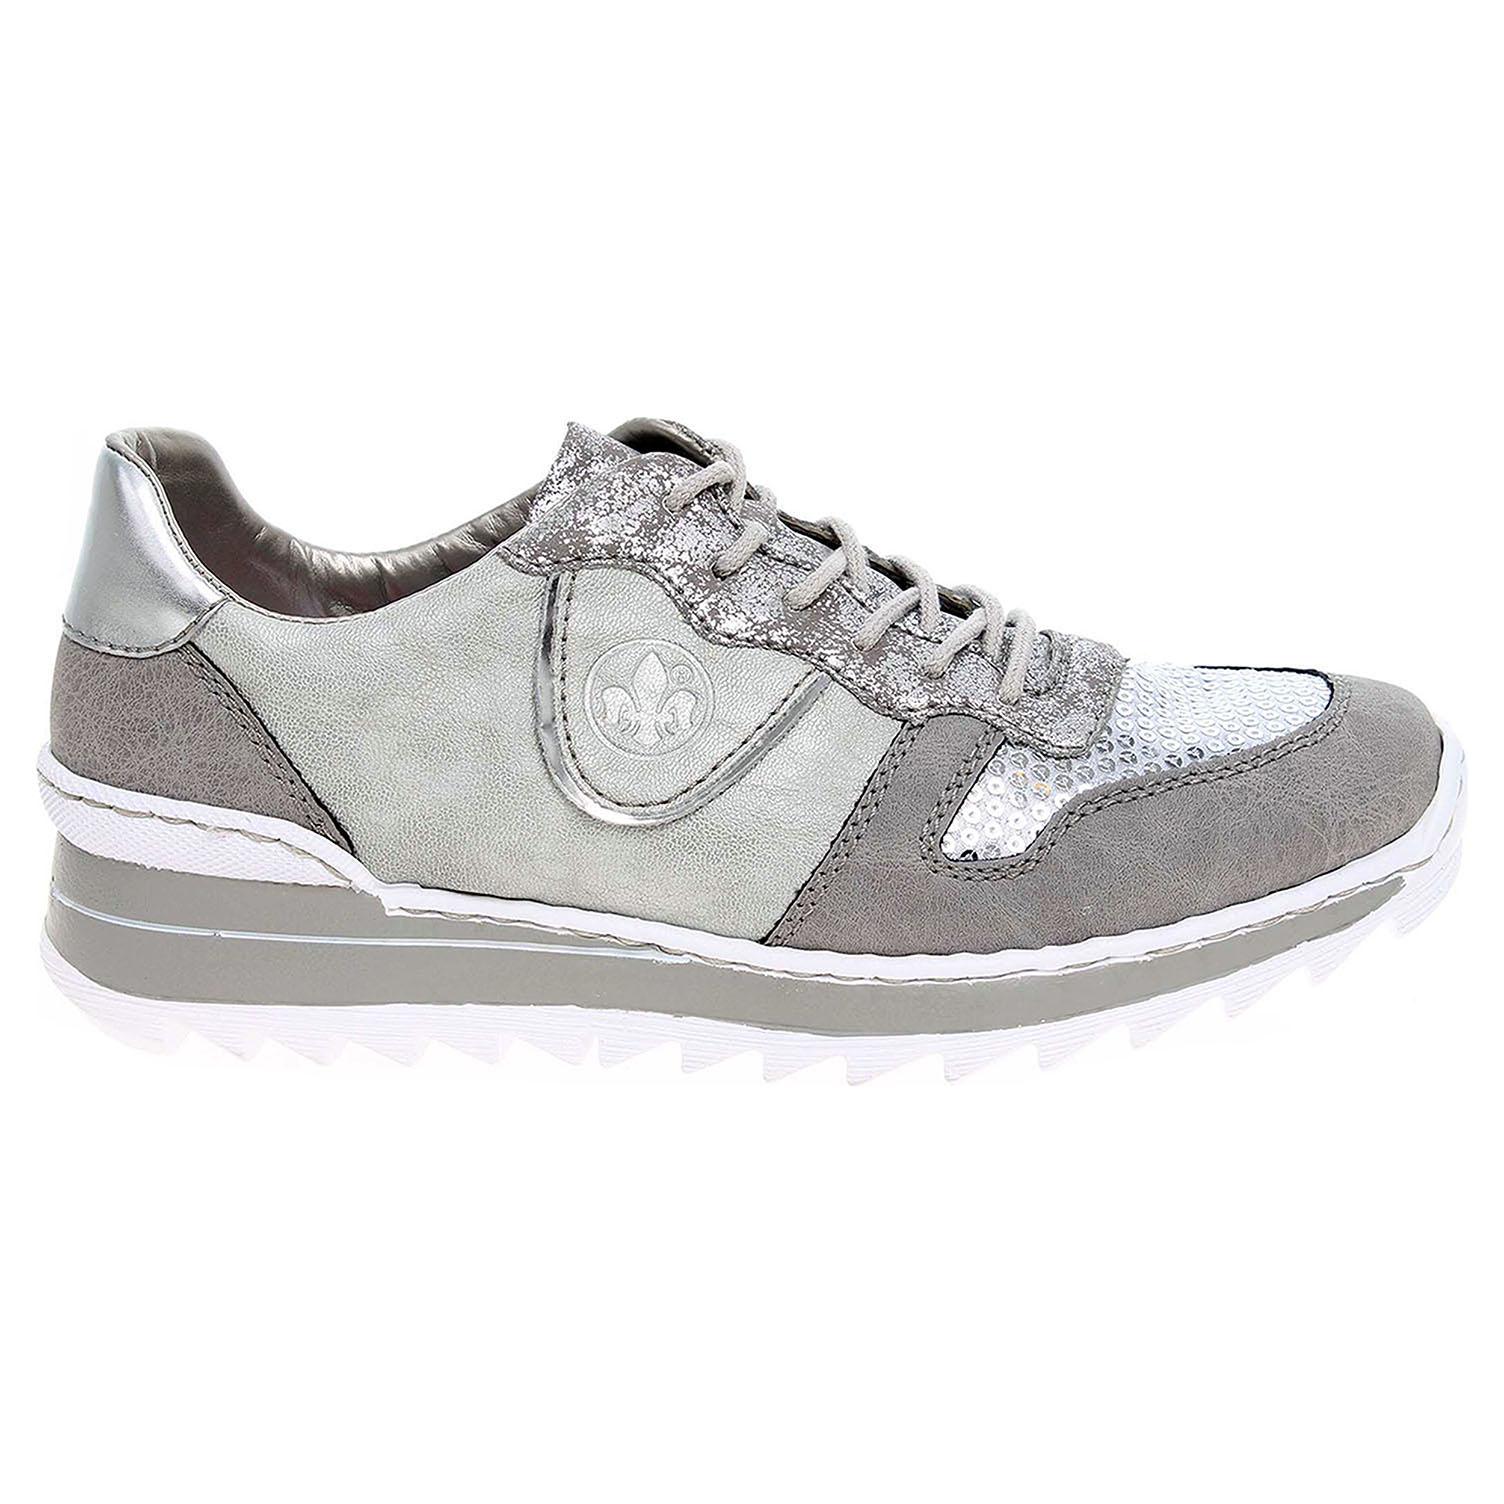 Ecco Rieker dámská obuv M6902-42 šedá 23200584